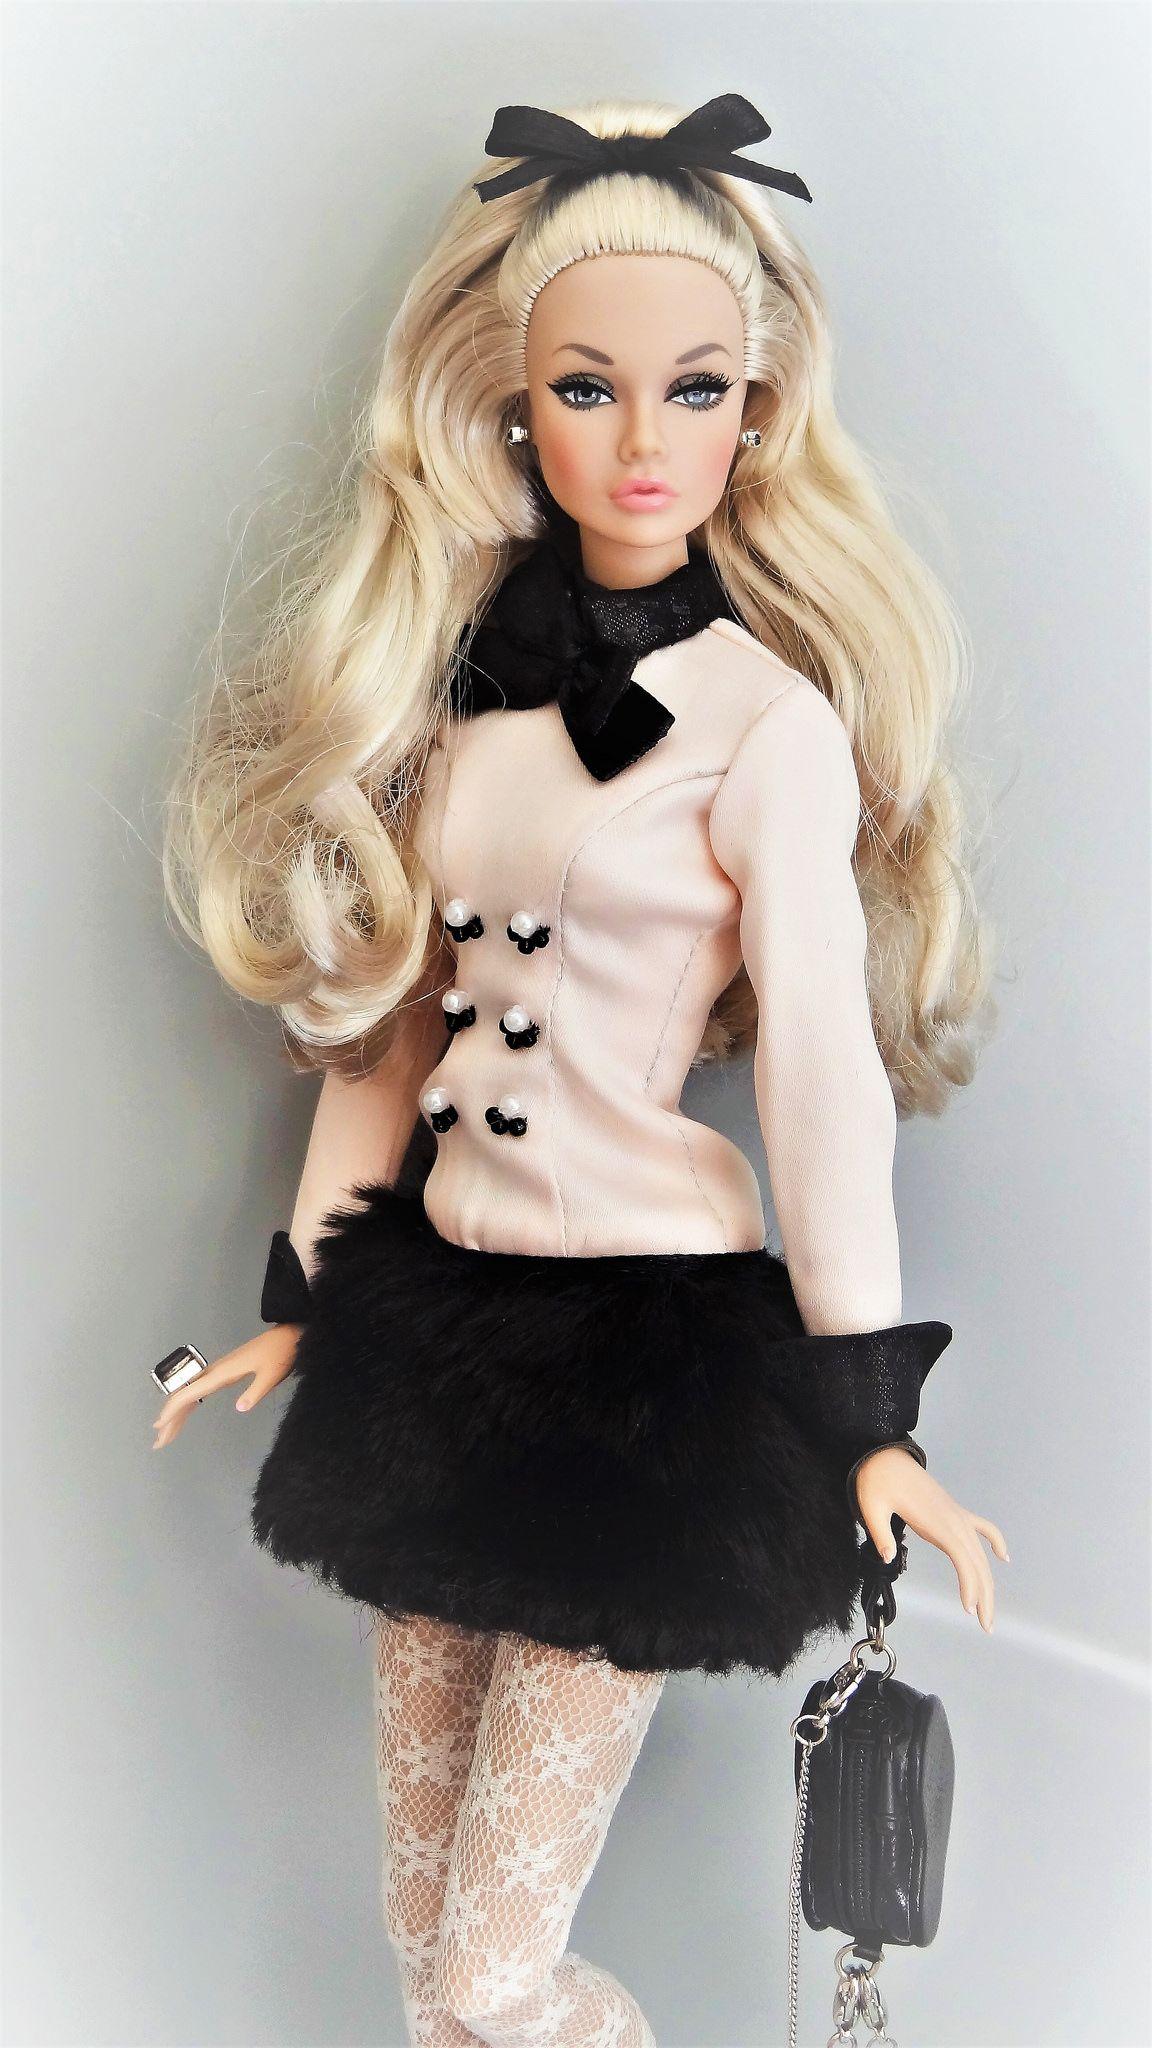 Pin von Cheryl M auf BARBIE | Pinterest | Barbie, Barbie kleider und ...